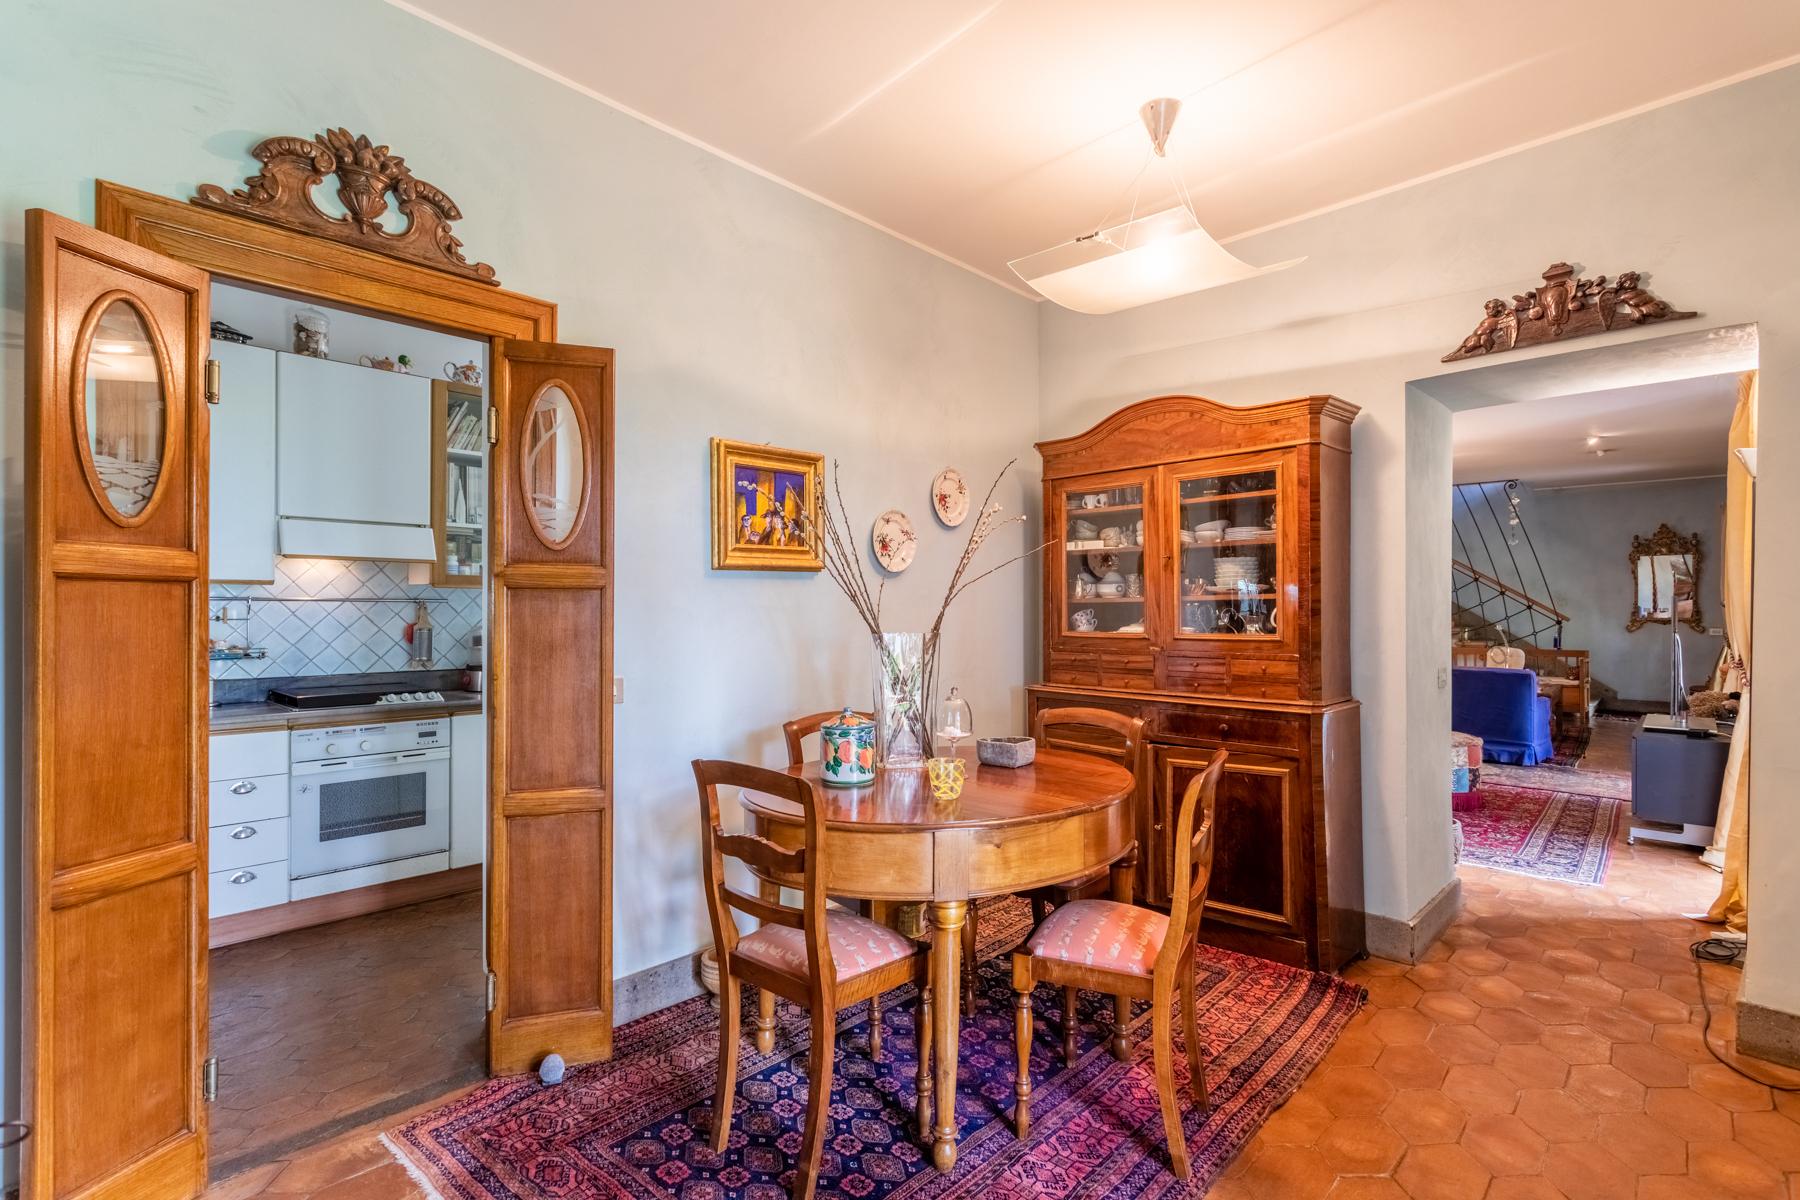 Villa in Vendita a Castel Gandolfo: 5 locali, 400 mq - Foto 8